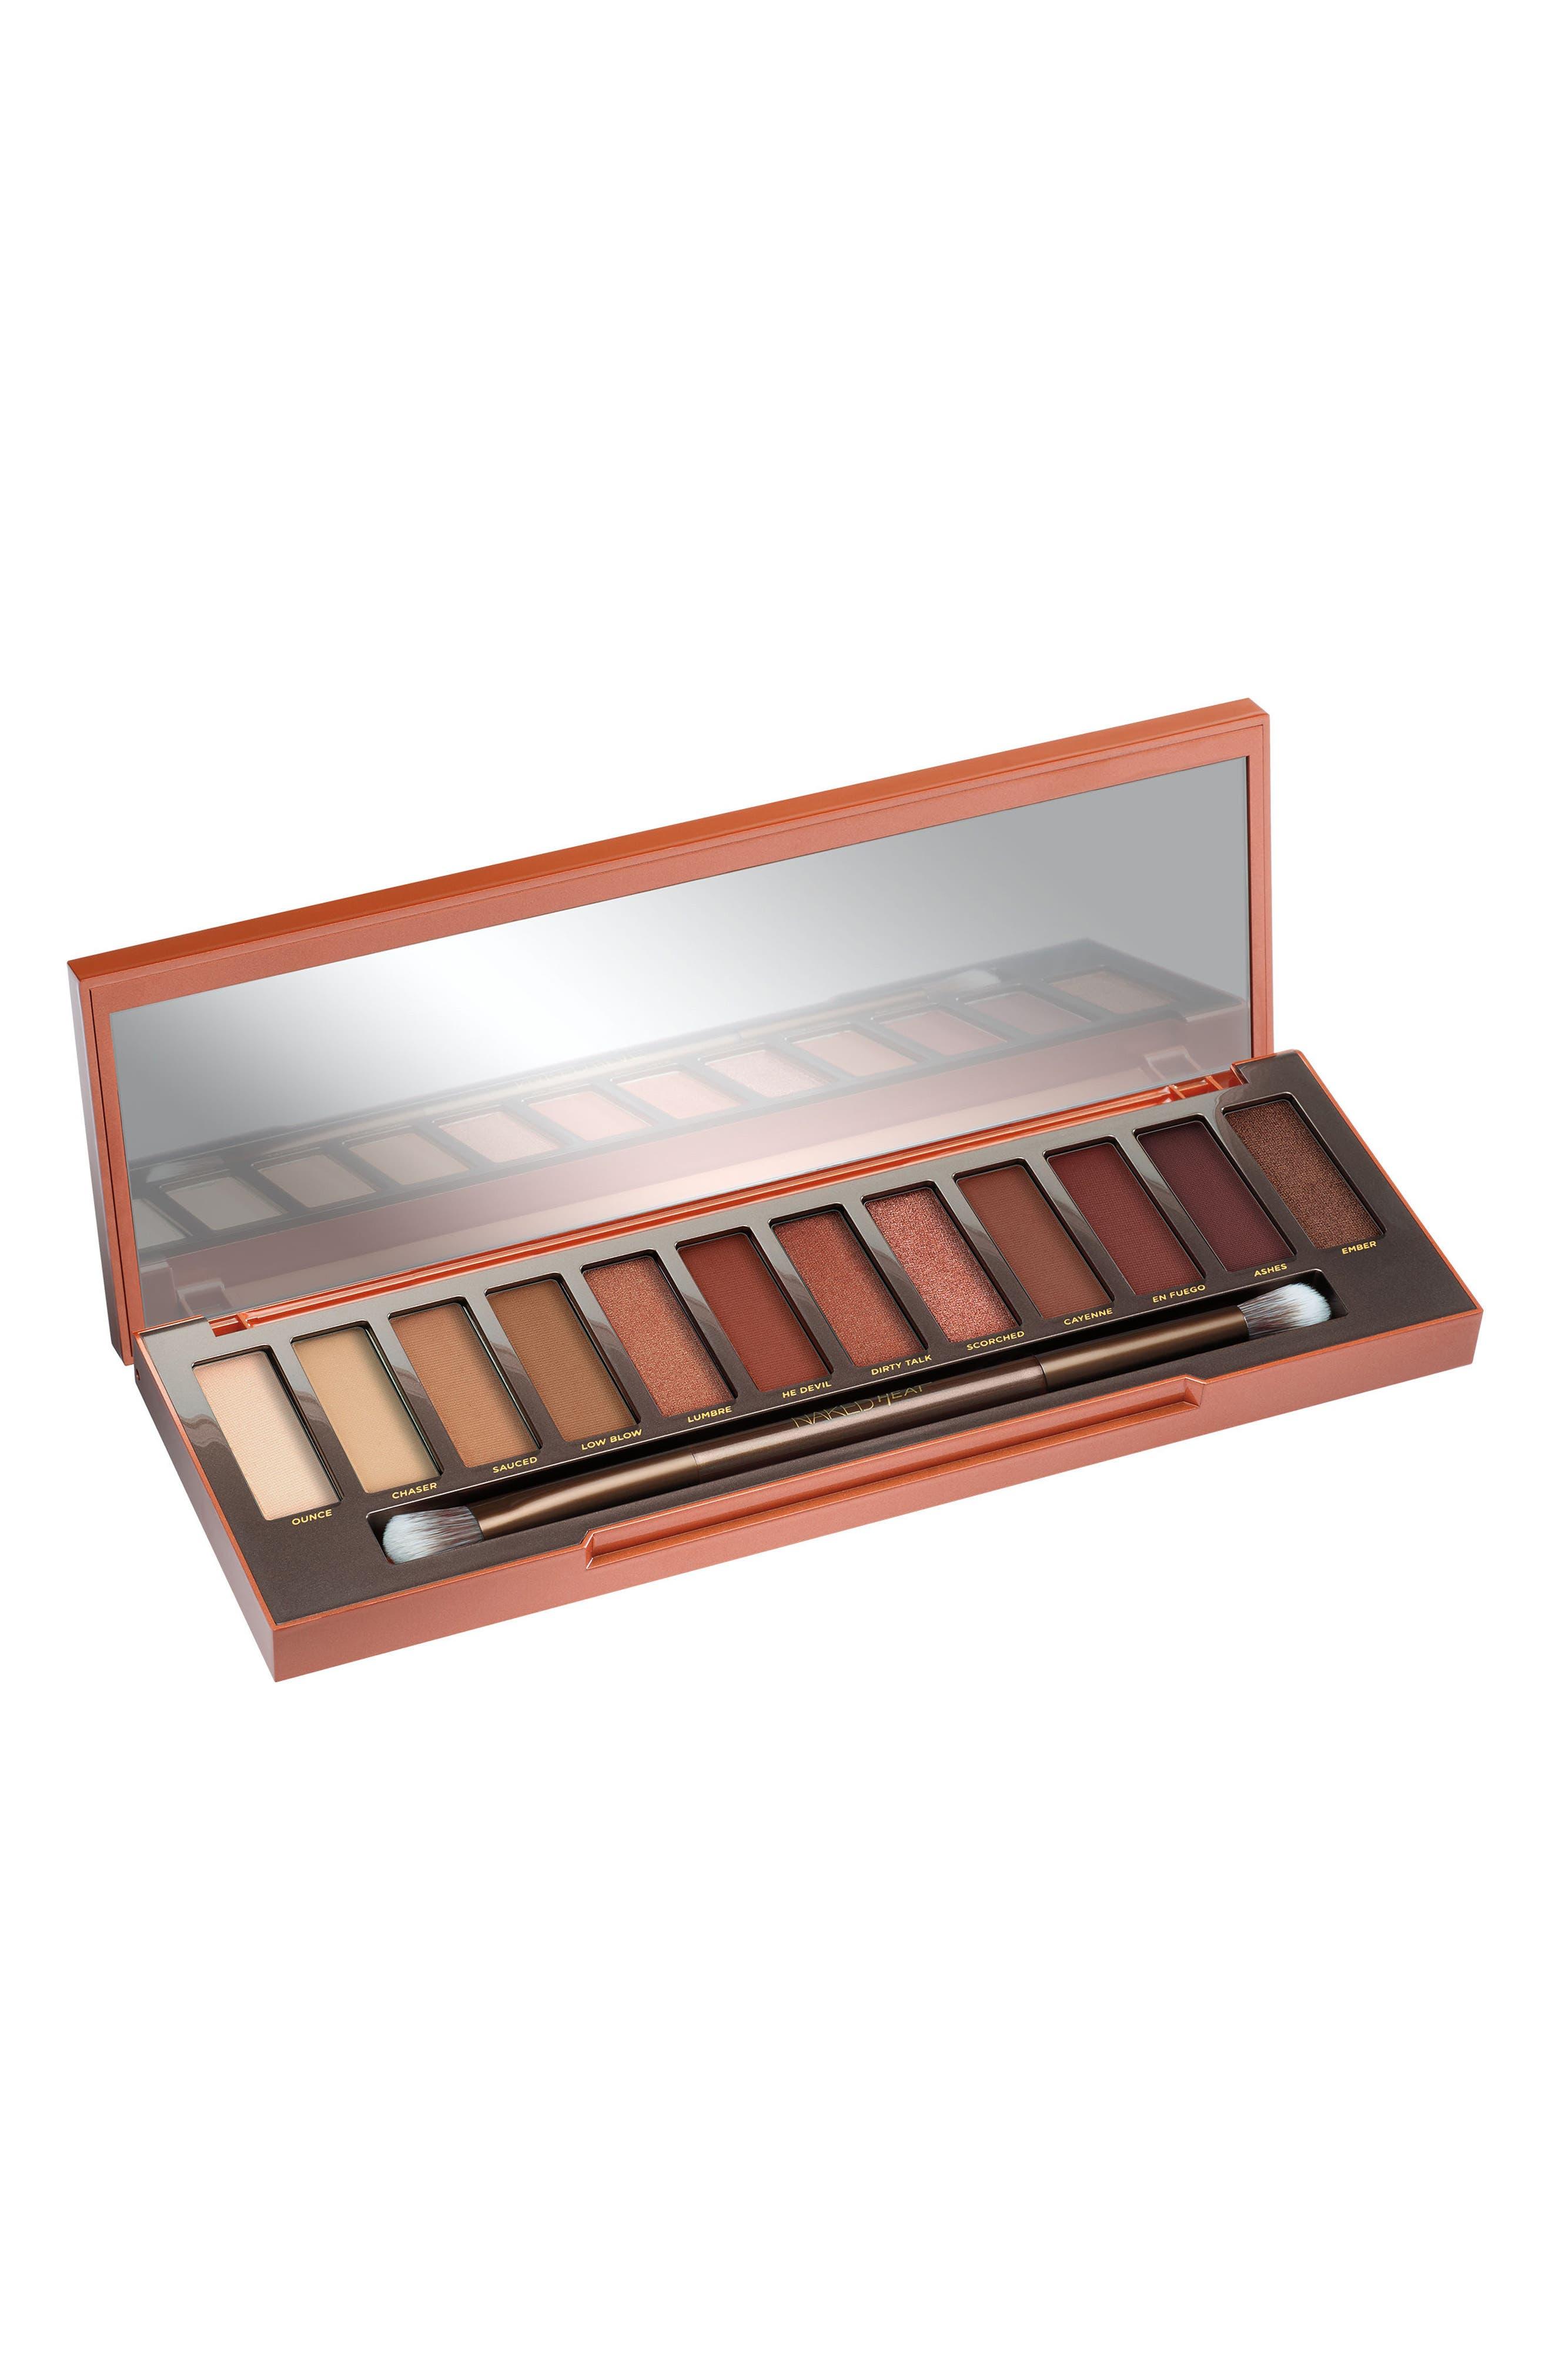 Naked Heat Palette,                         Main,                         color, Orange